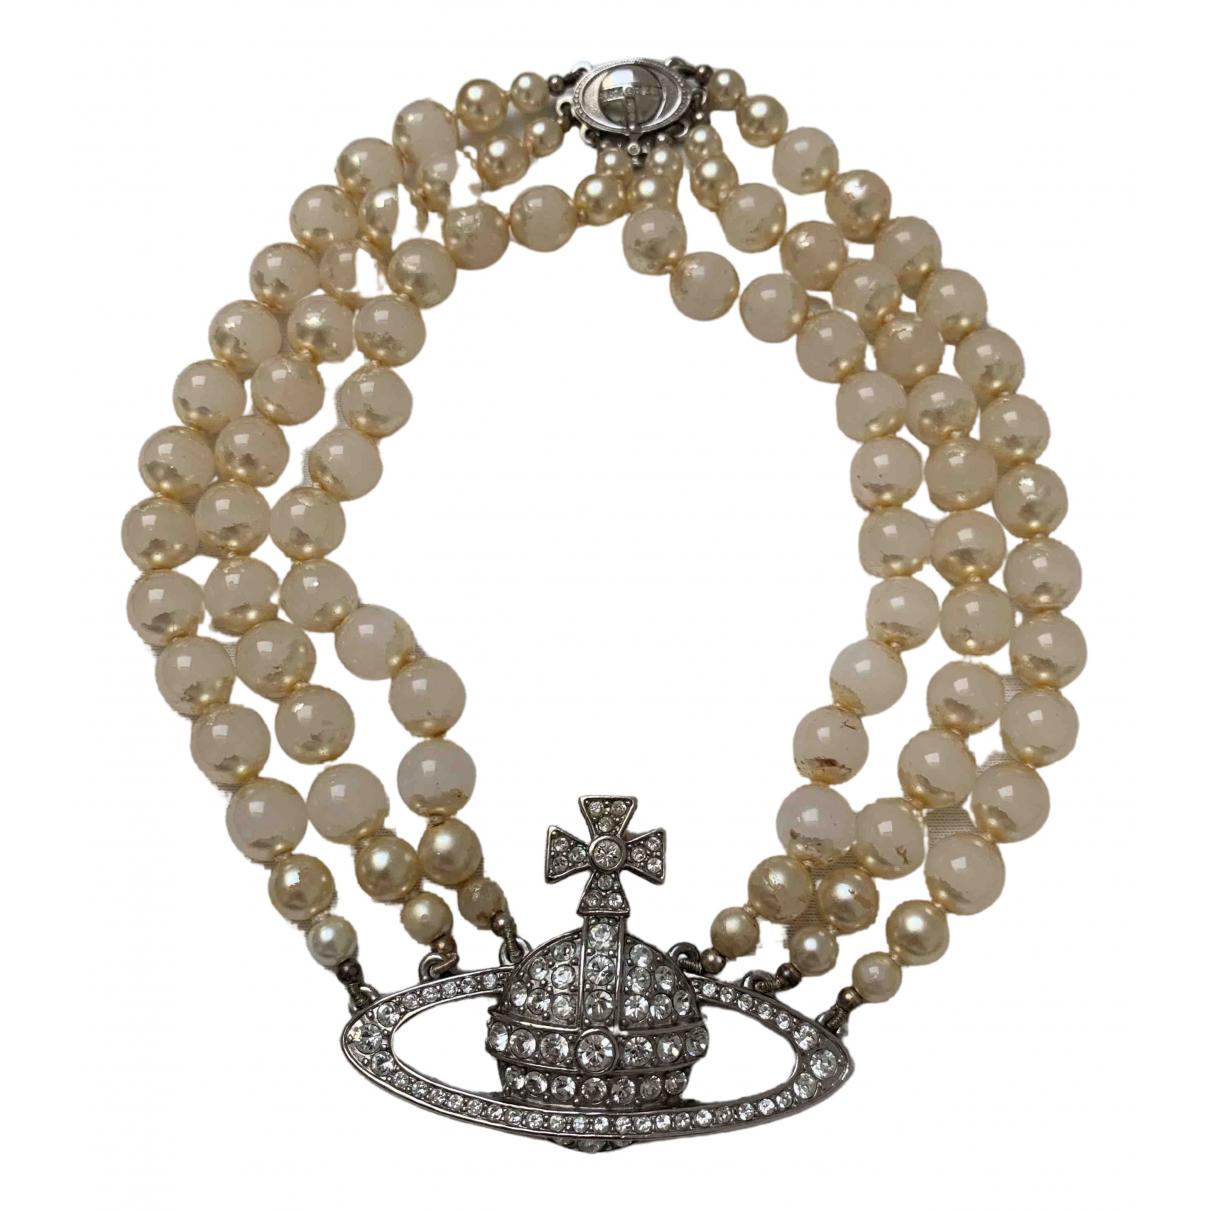 Vivienne Westwood N Gold Metal Jewellery for Men N